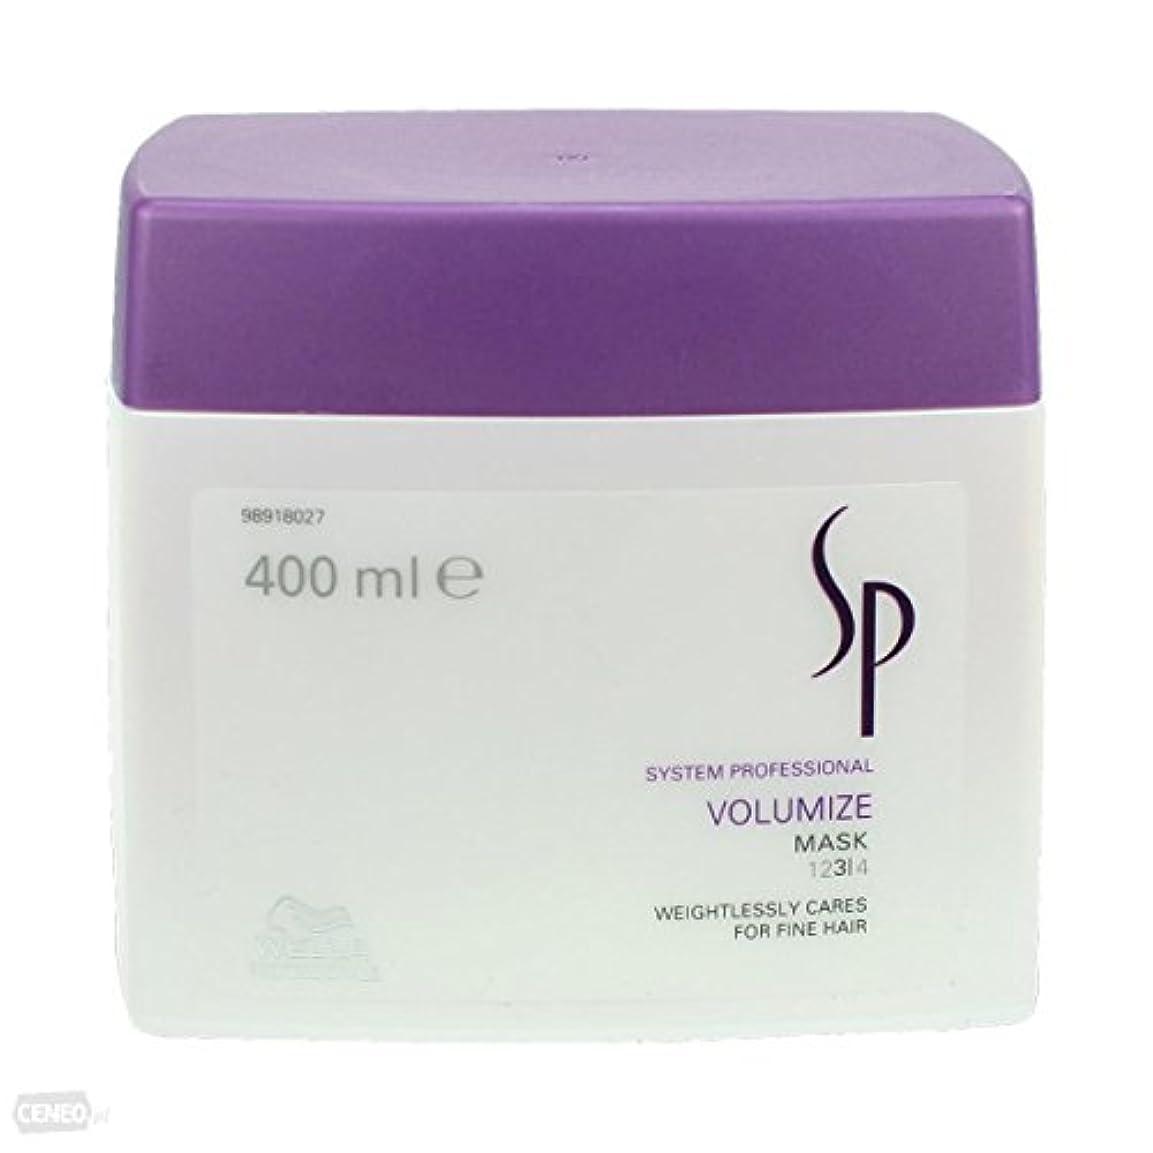 病的計り知れないリクルートWella SP Volumize Mask ( For Fine Hair ) - 400ml/13.33oz by Wella [並行輸入品]